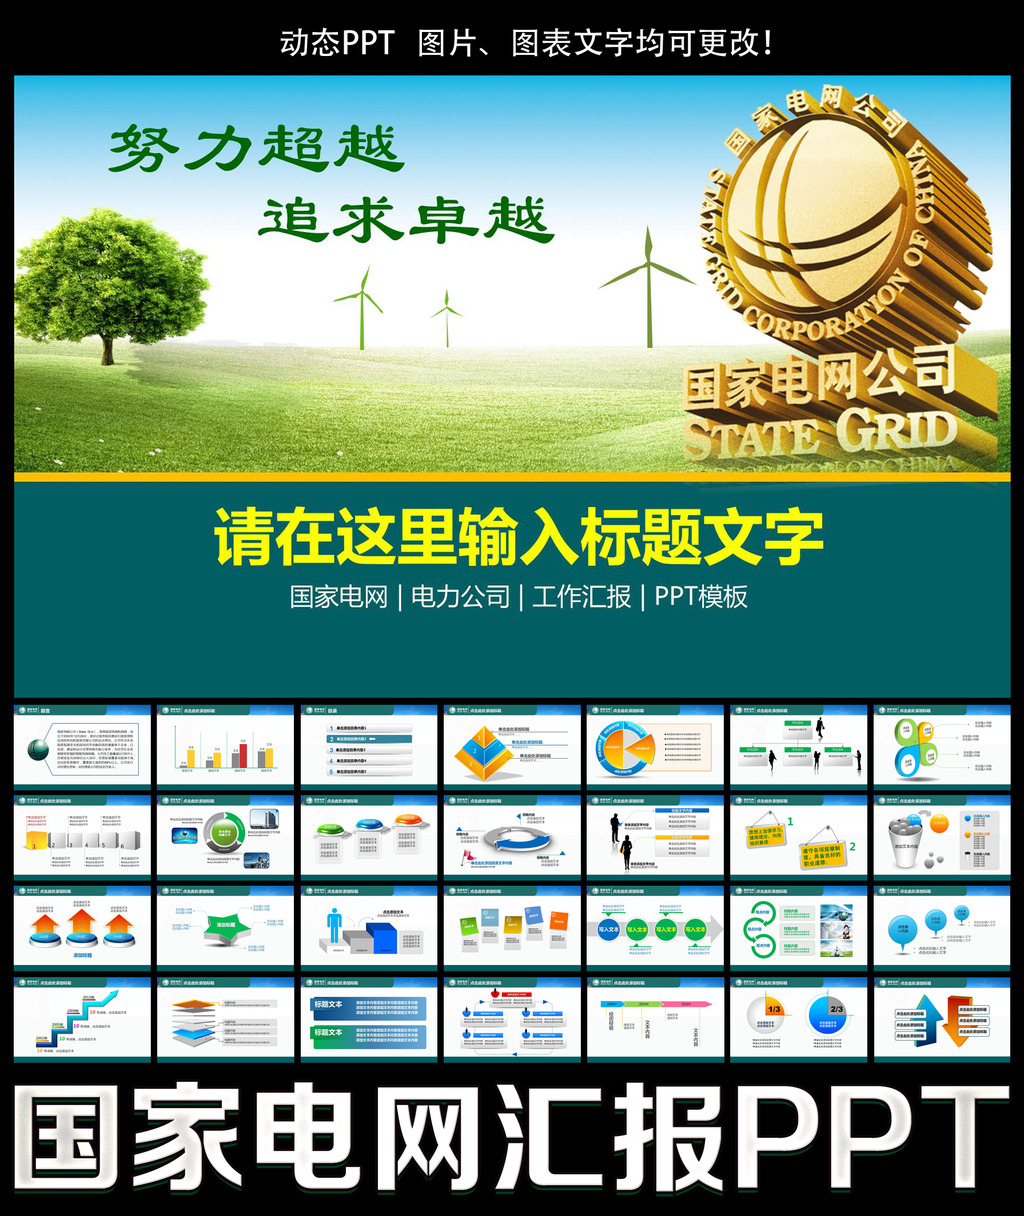 国电电网电力公司工作总结ppt模板